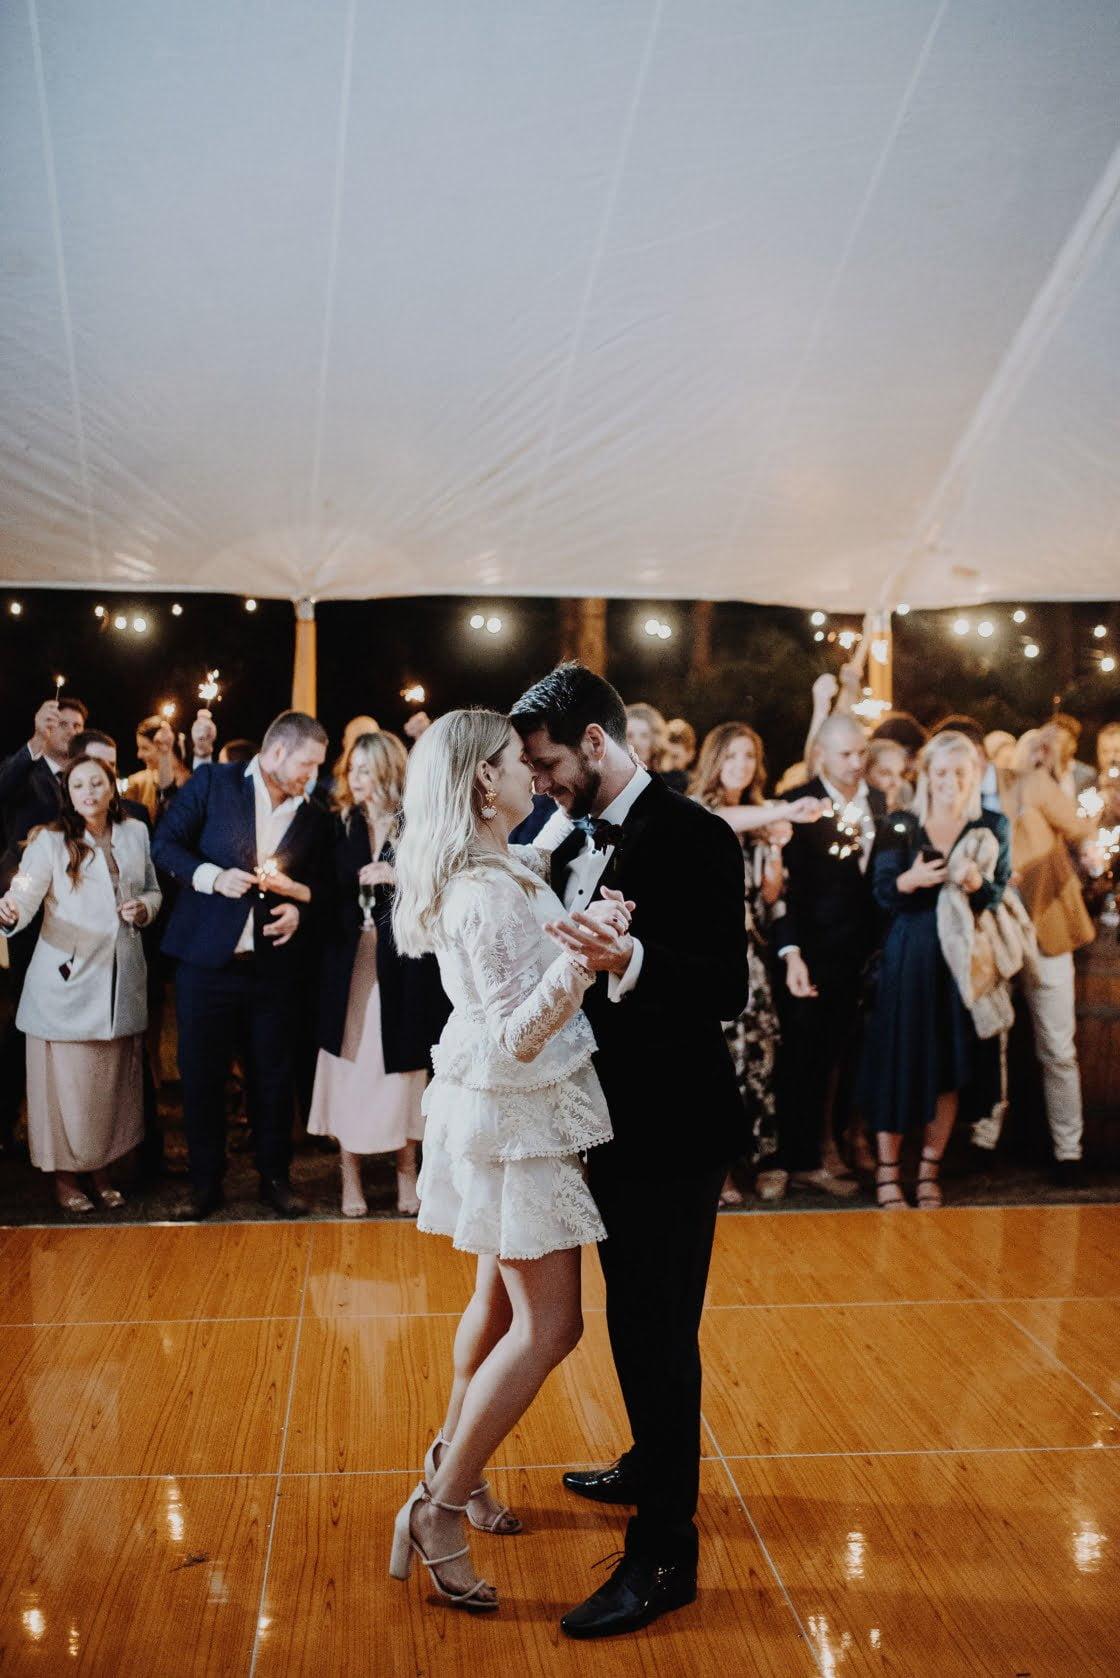 LIBBY & JAMIE'S GOLD COAST WEDDING – Hello May